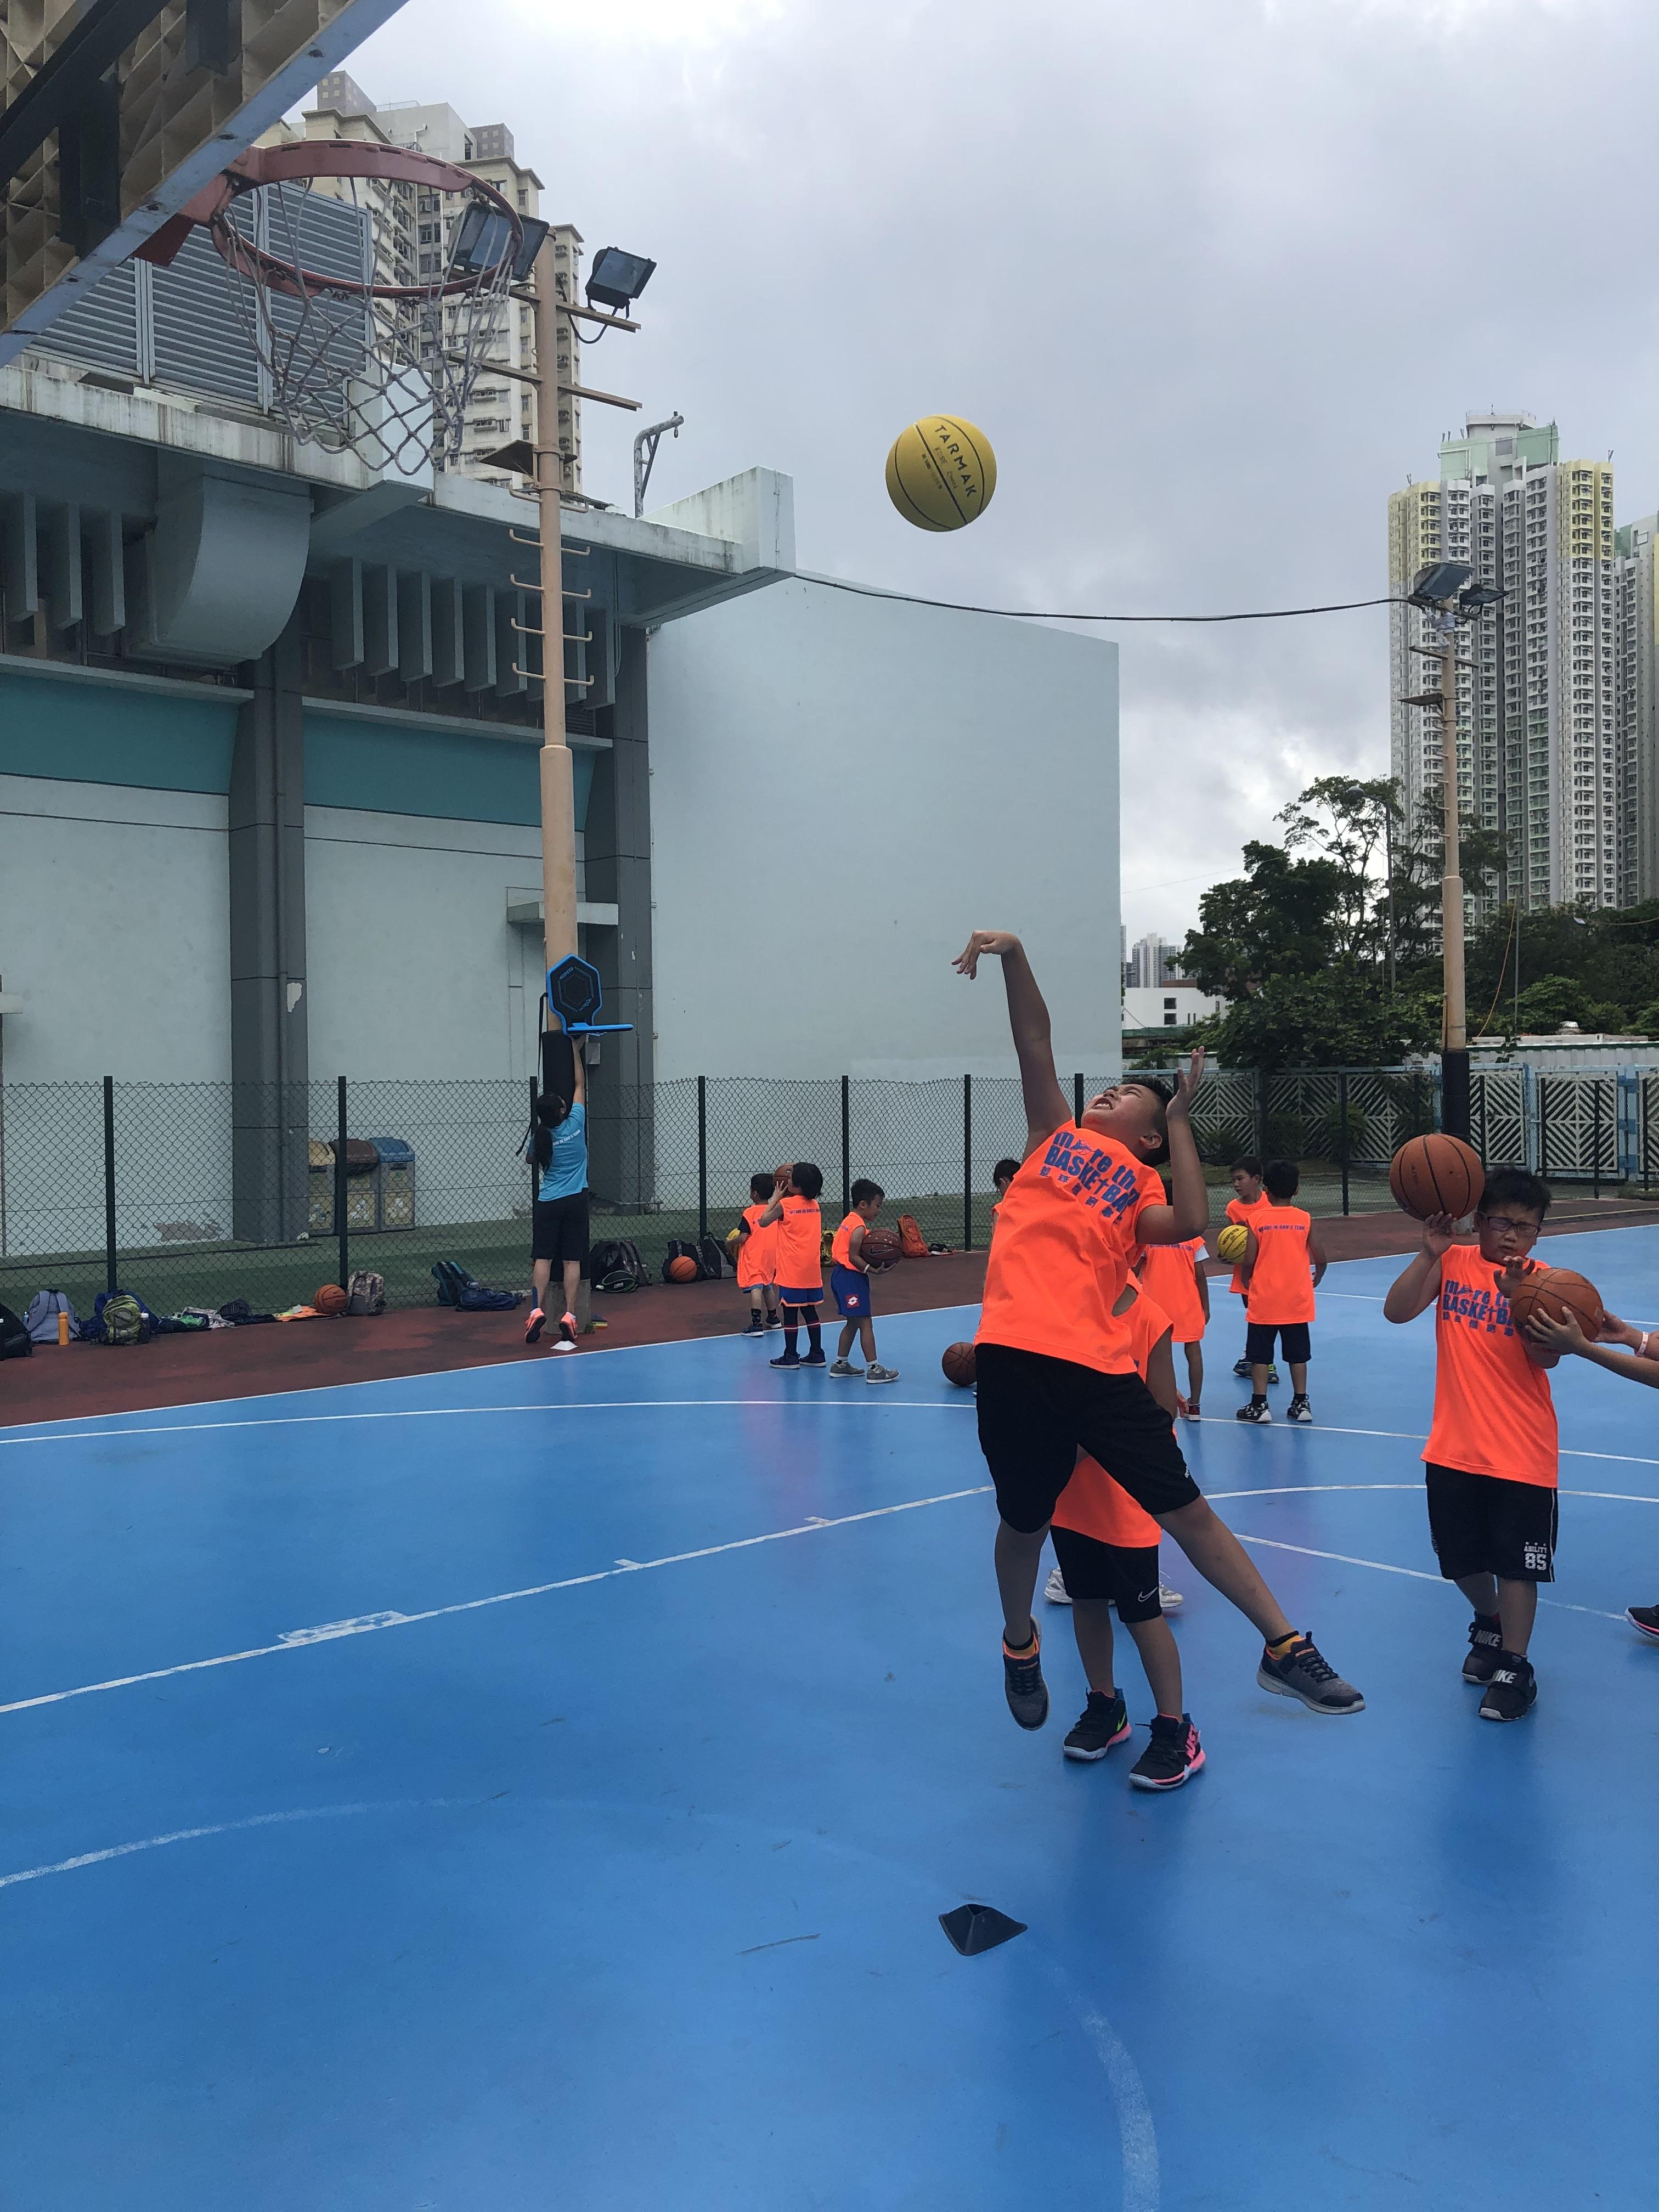 暑期籃球班 及 營會   籃球體育事工 Basketball Sport Ministry